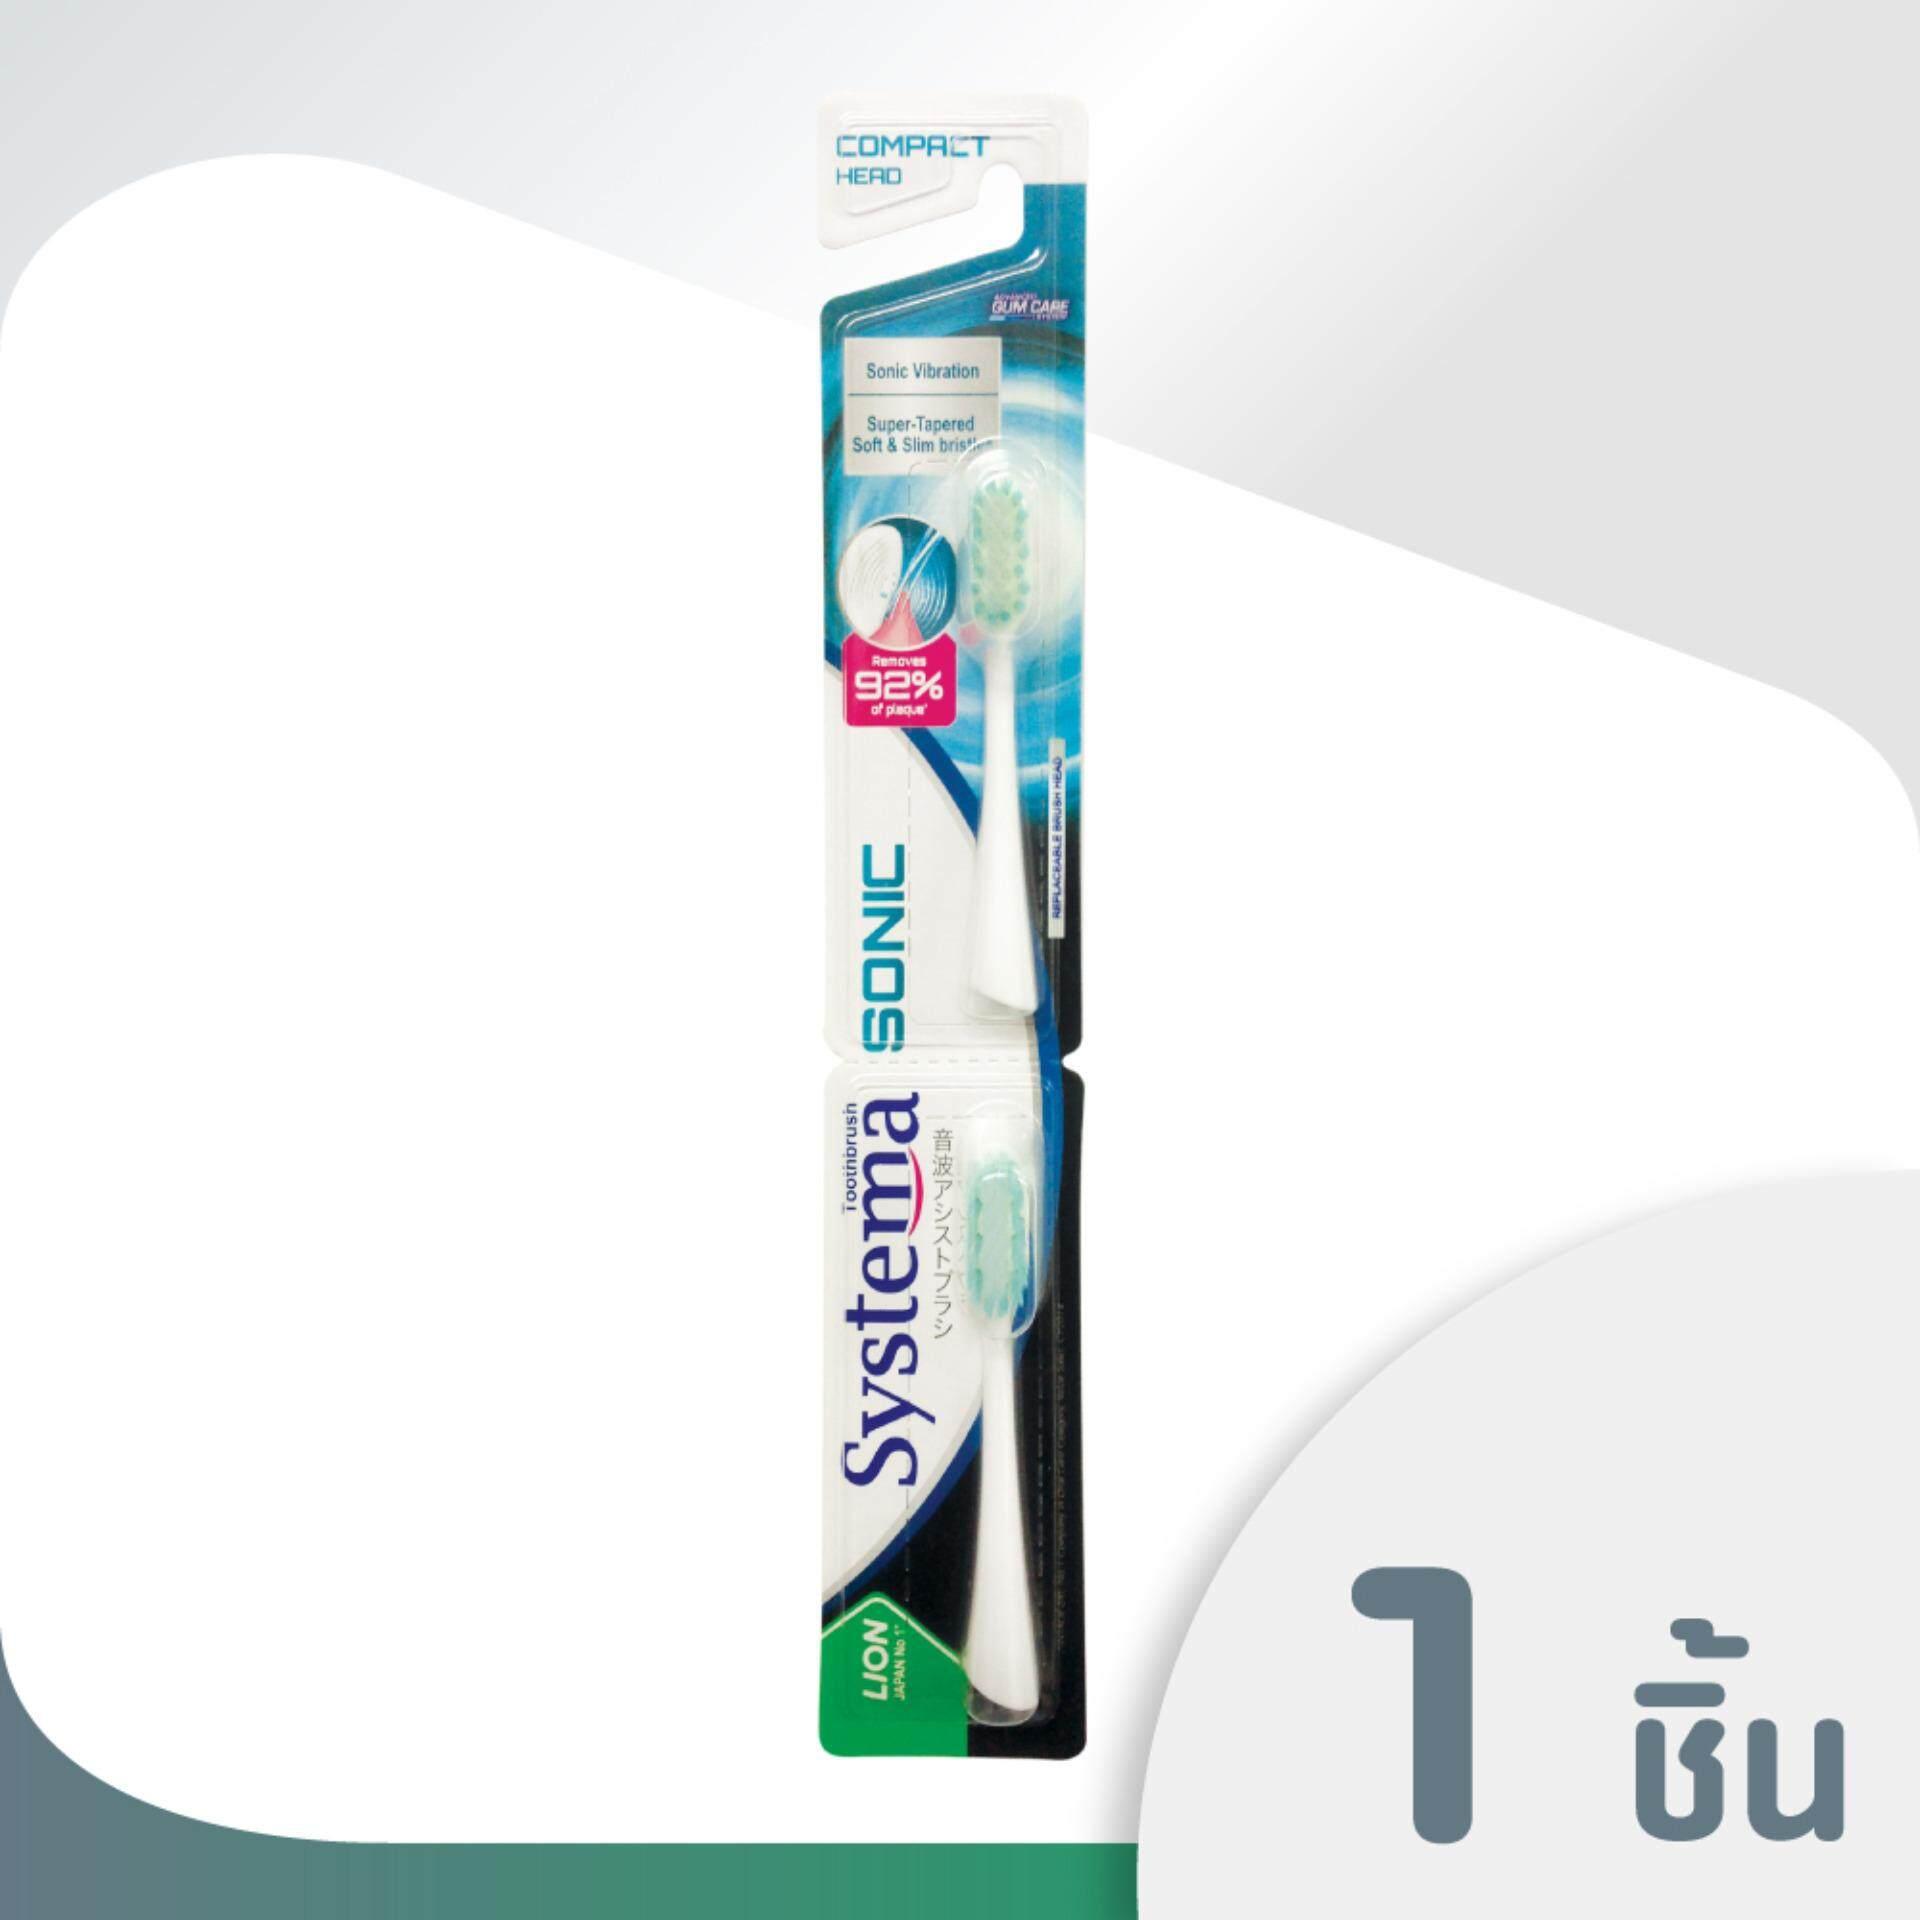 แปรงสีฟันไฟฟ้า ทำความสะอาดทุกซี่ฟันอย่างหมดจด ปทุมธานี SYSTEMA SONIC หัวแปรงสีฟันไฟฟ้า ซิสเท็มมา โซนิค  สีฟ้า